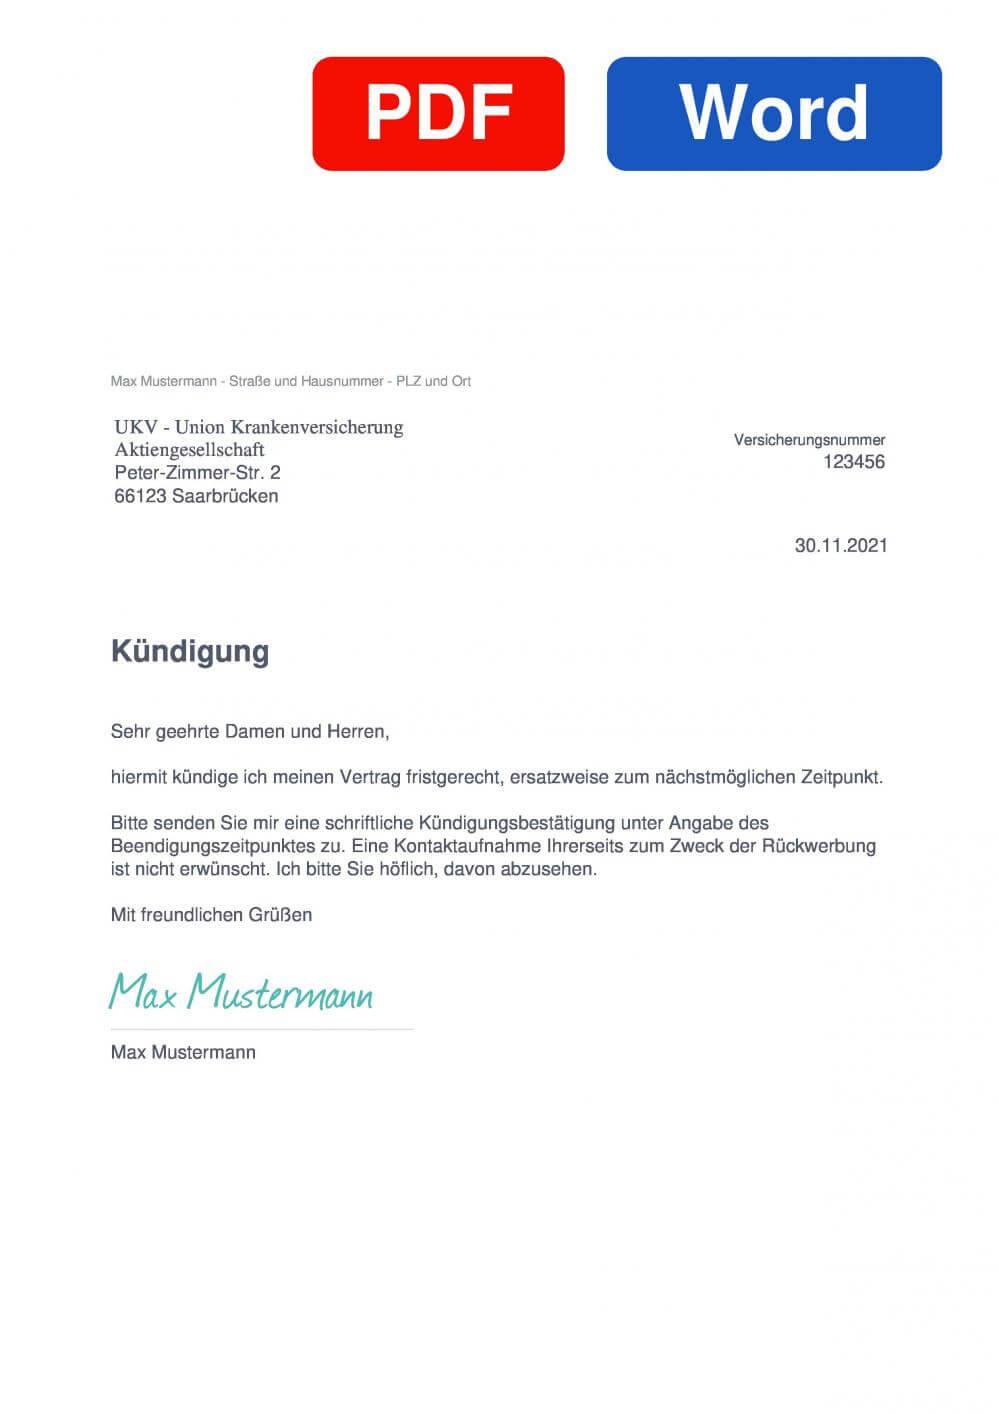 UKV Auslandskrankenversicherung Muster Vorlage für Kündigungsschreiben